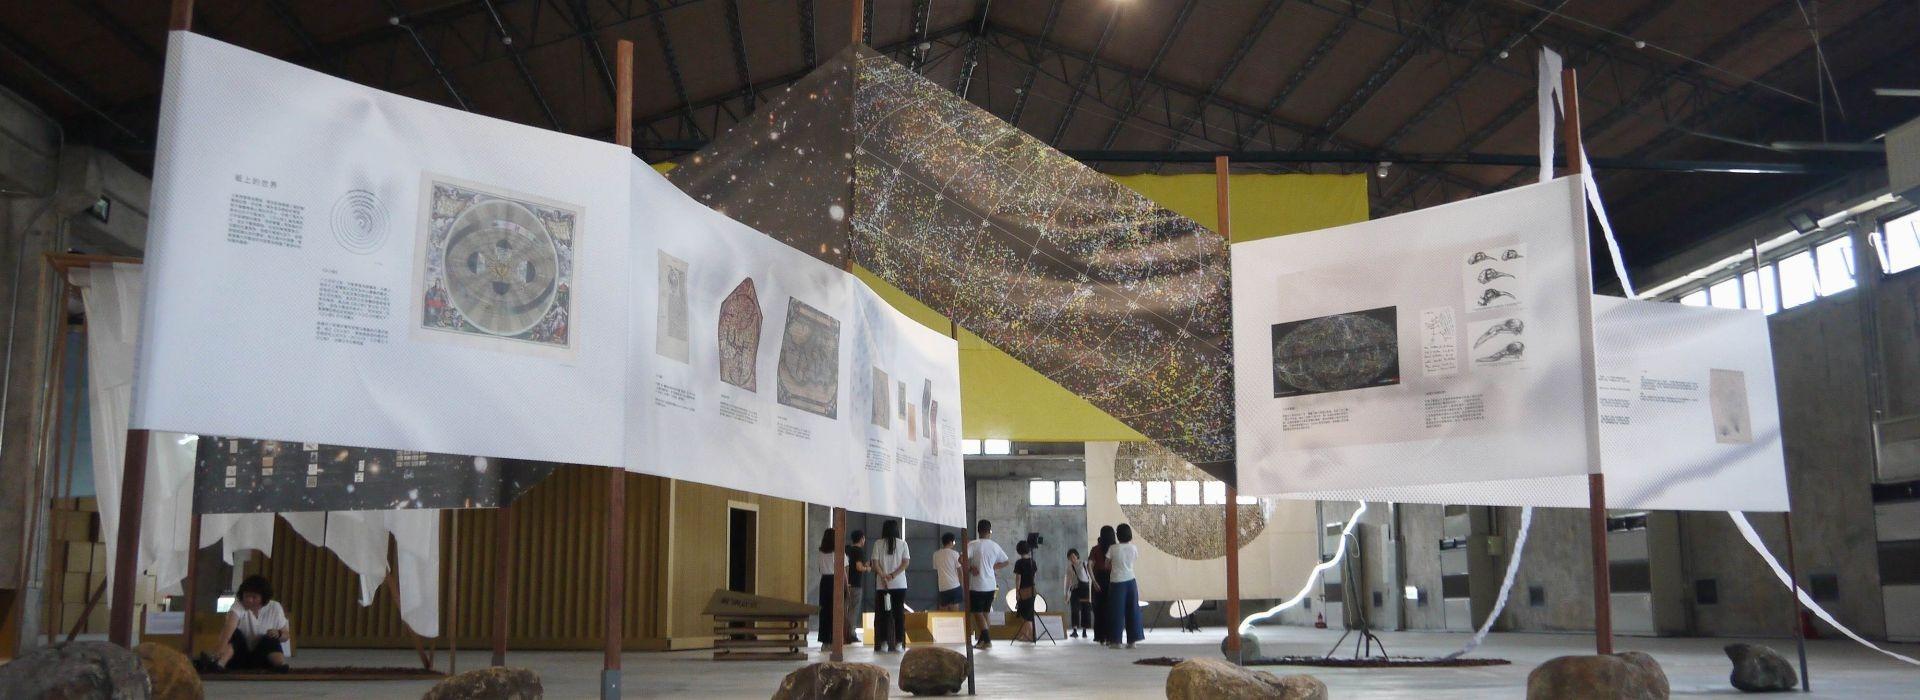 中興文創年度特展《紙的進化論》